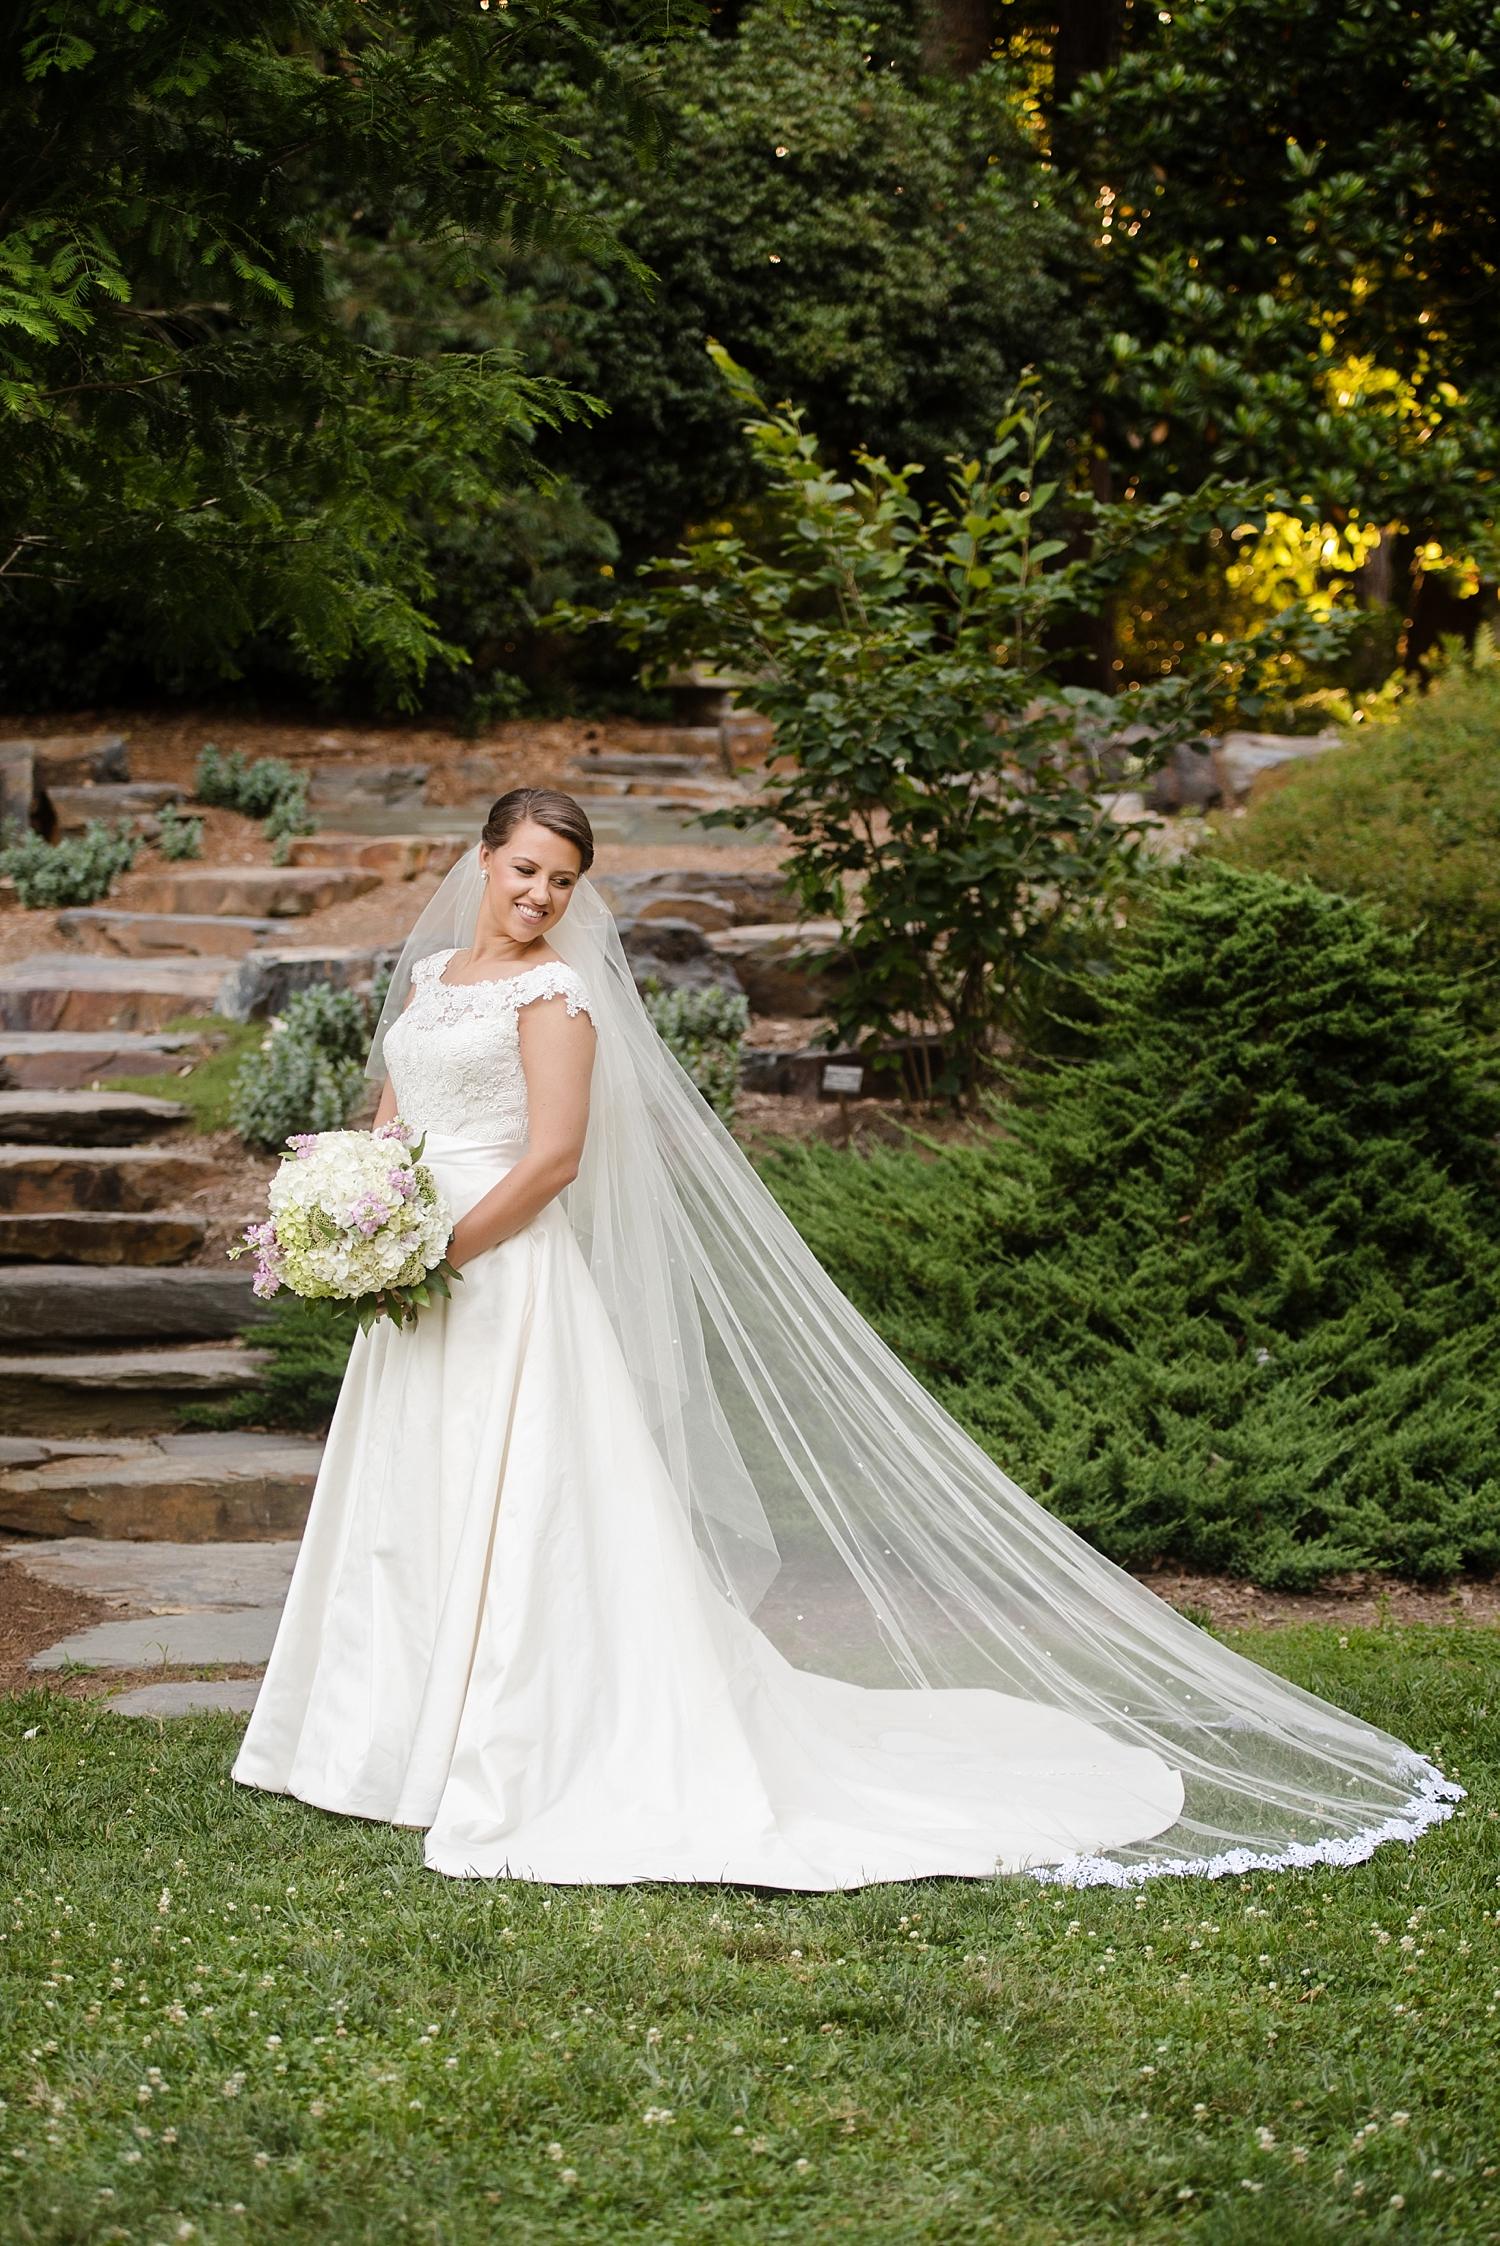 duke_gardens_bridal_portrait_0252.jpg